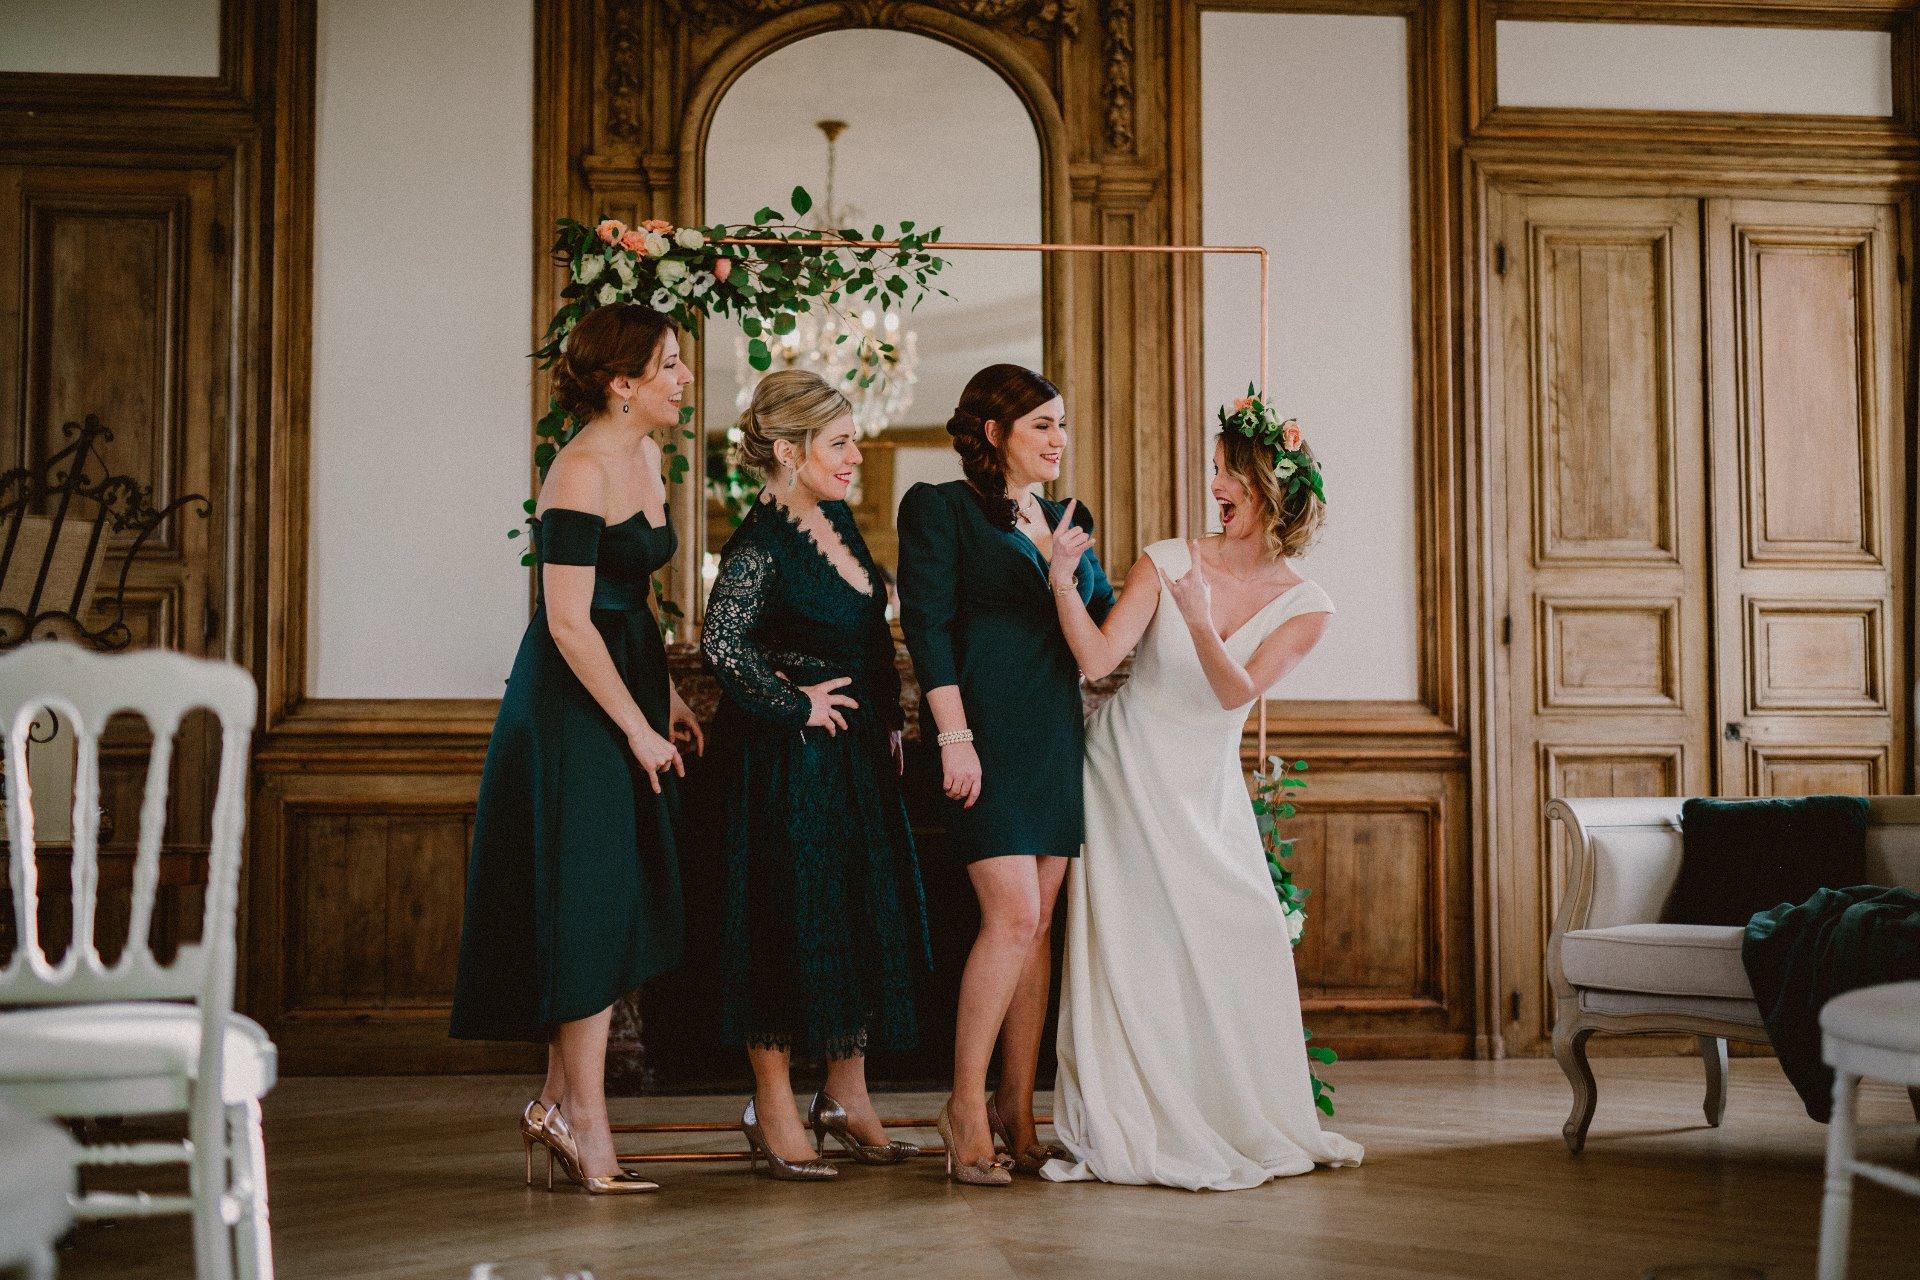 sterenn-officiante-ceremonie-laique-mariee-demoiselles-honneur-mariage-rock-vert-115